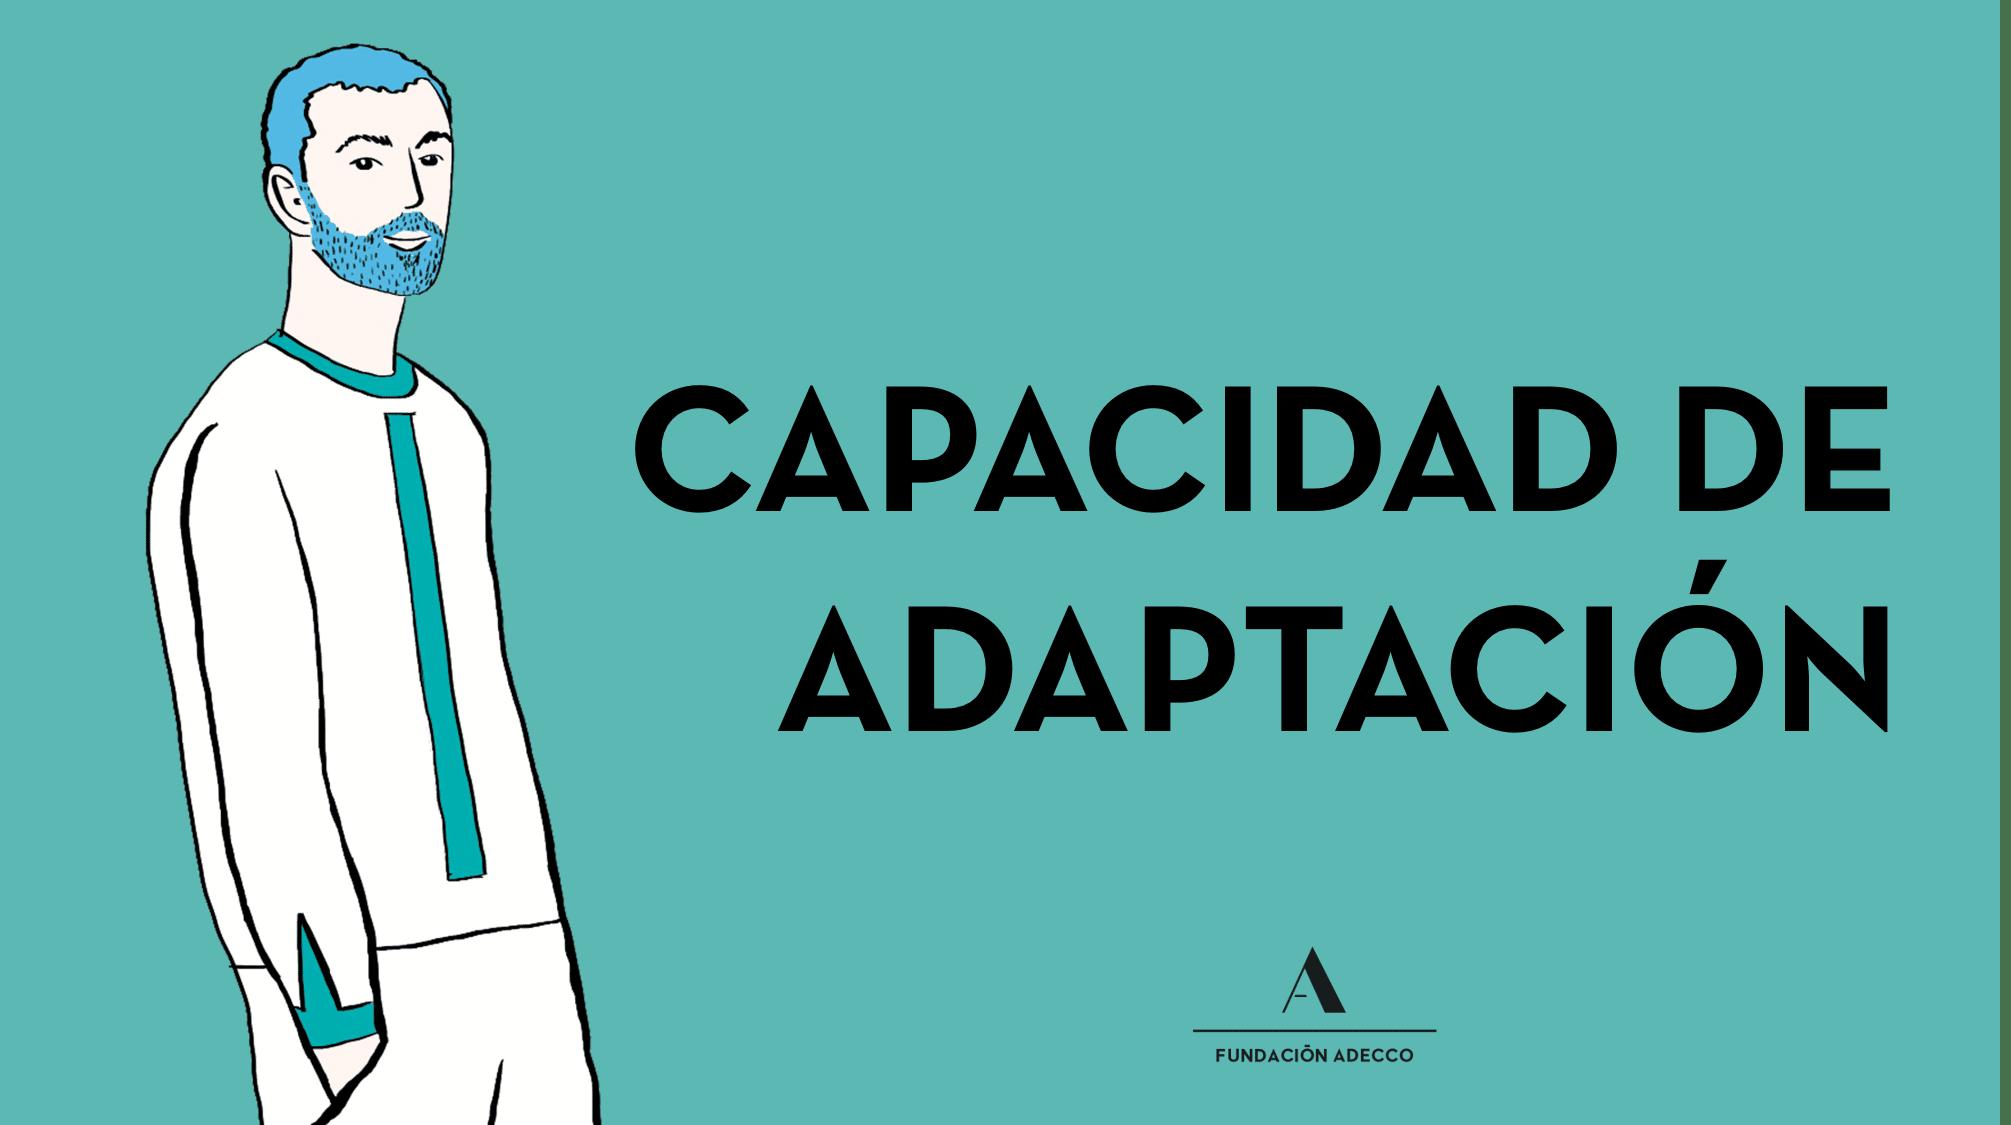 """Dibujo de un hombre con barba y manos en los bolsillos junto a las palabras """"capacidad de adaptación"""""""